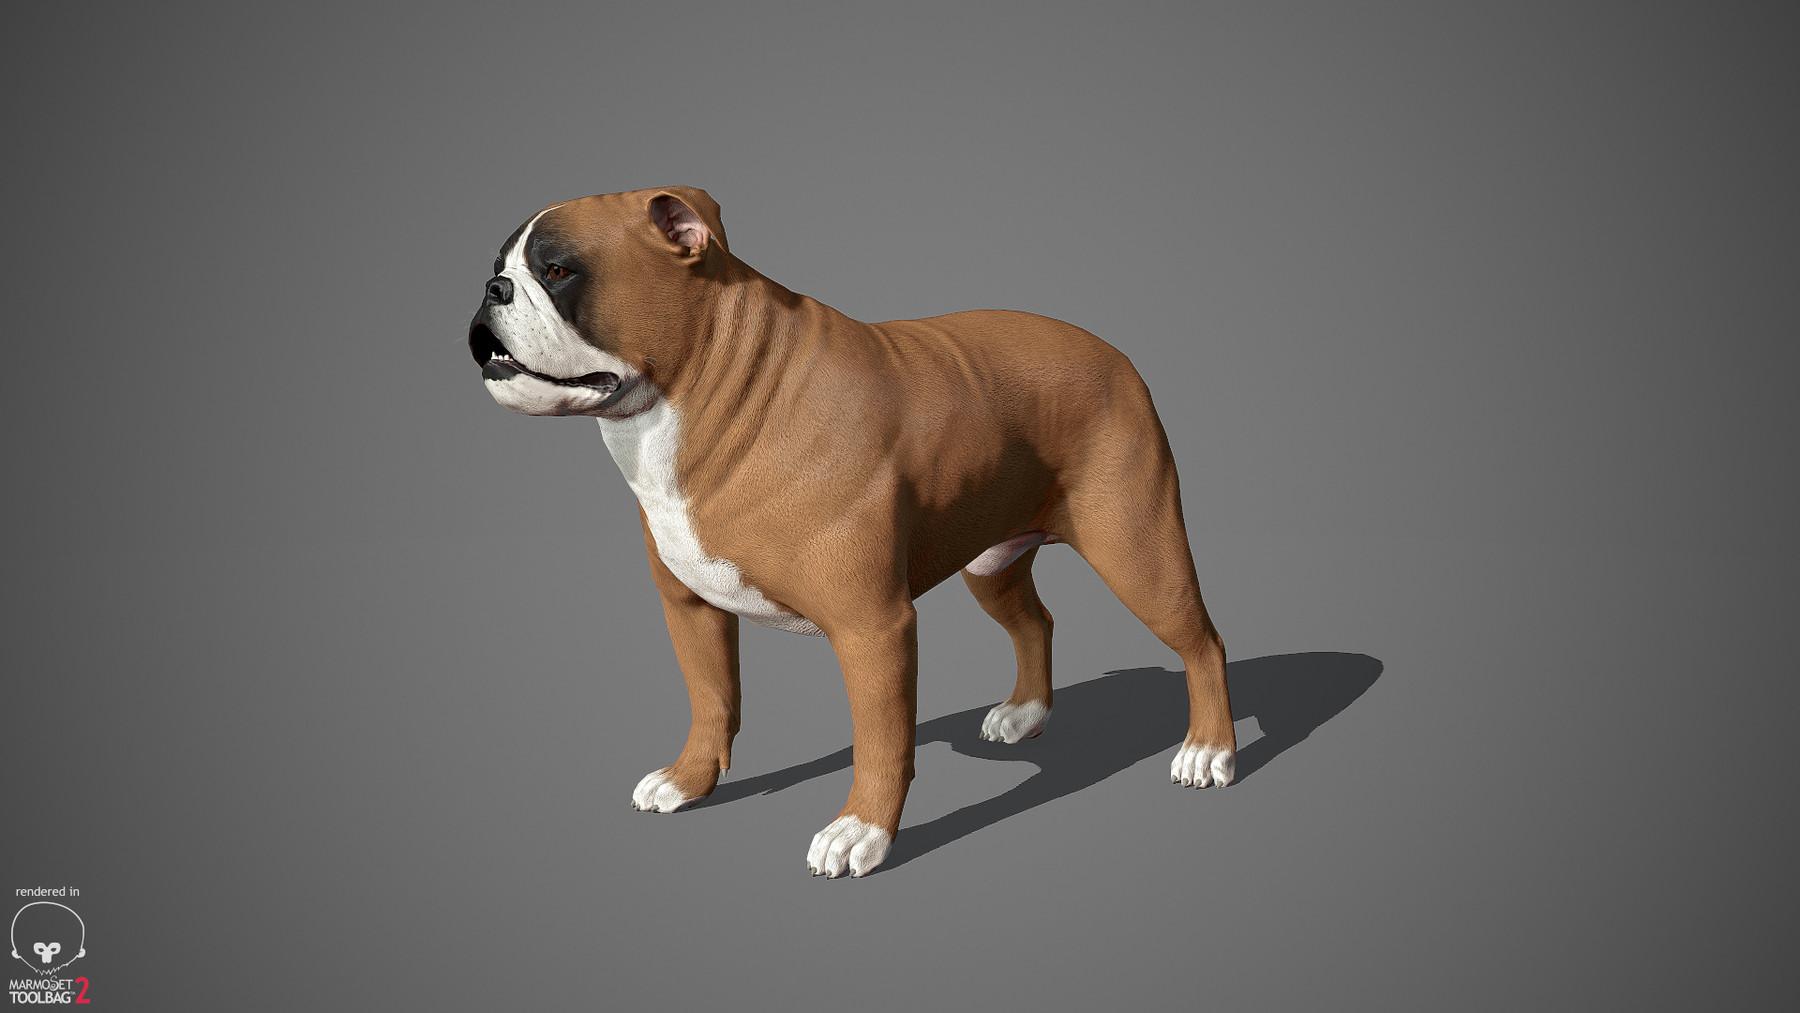 Englishbulldog by alexlashko marmoset 25